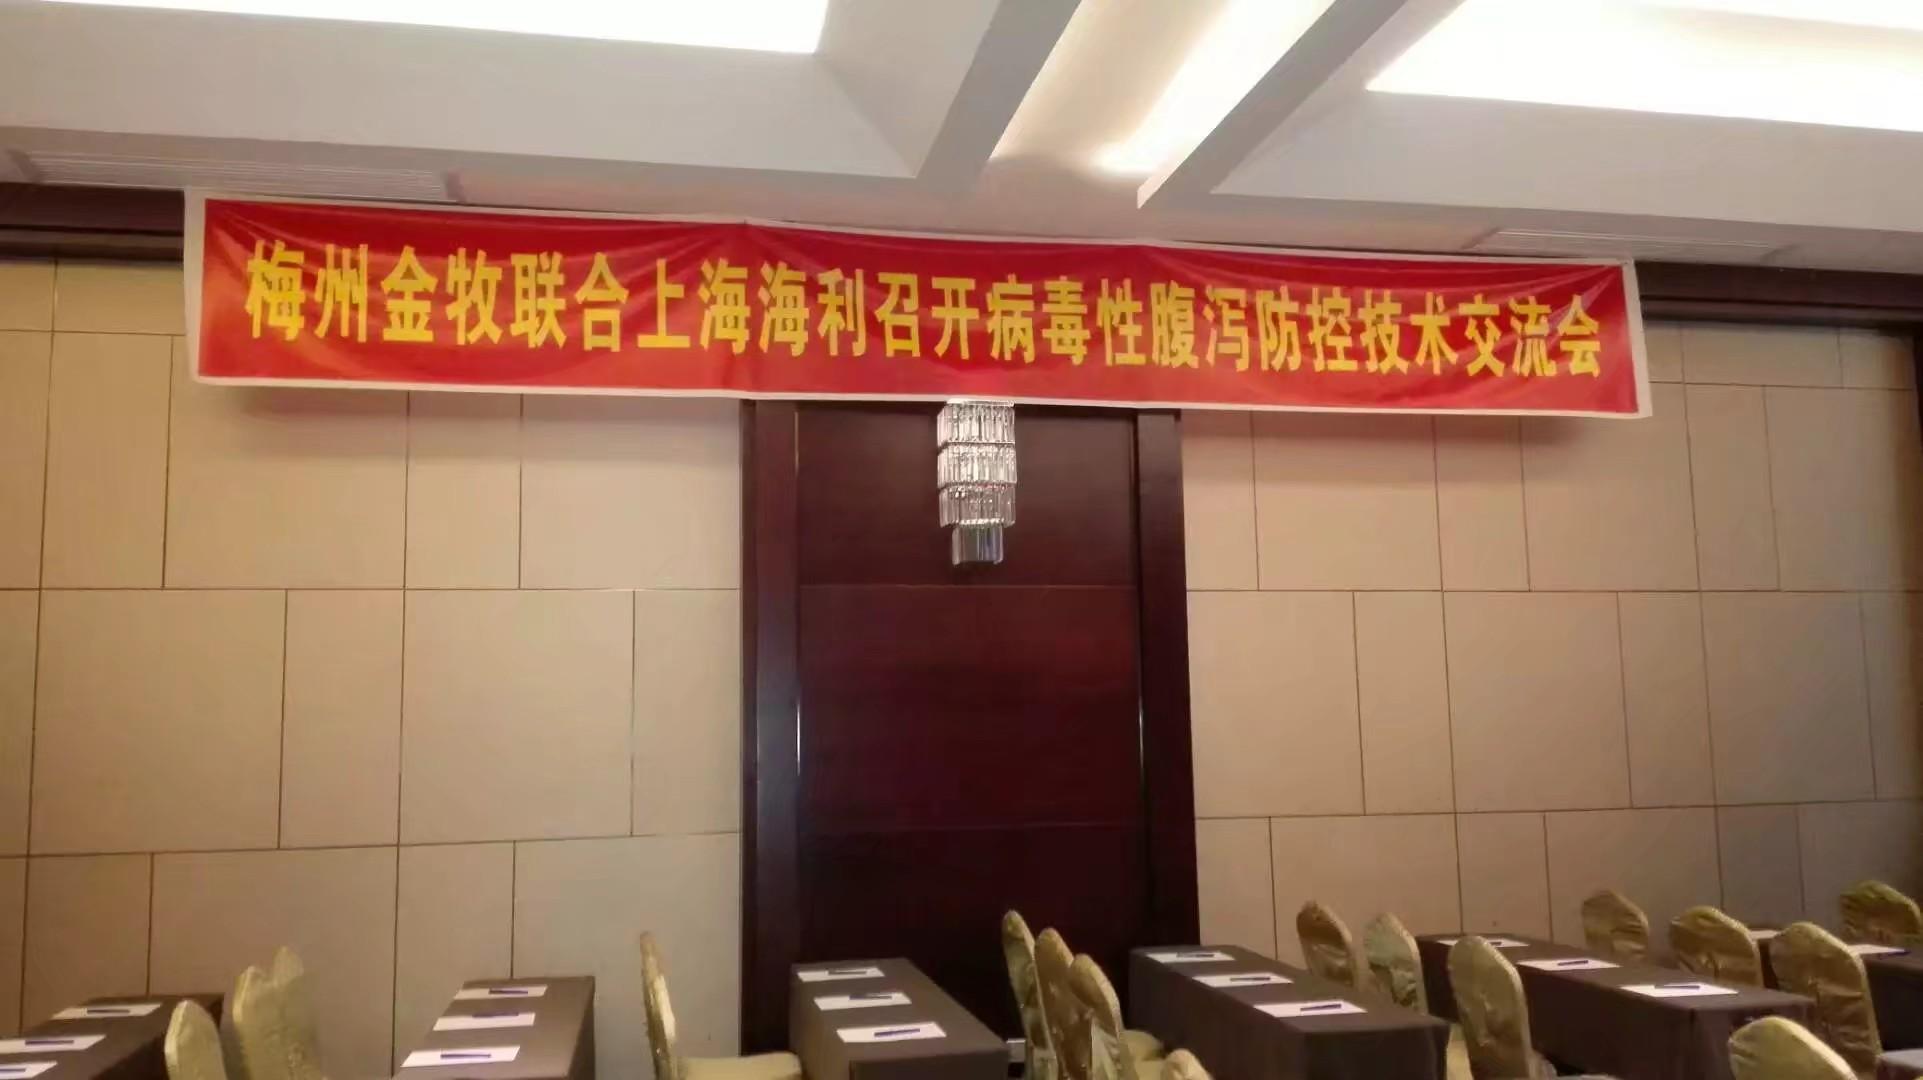 梅州ballbet贝博在线联合上海海利召开病毒性腹泻防控技术交流会